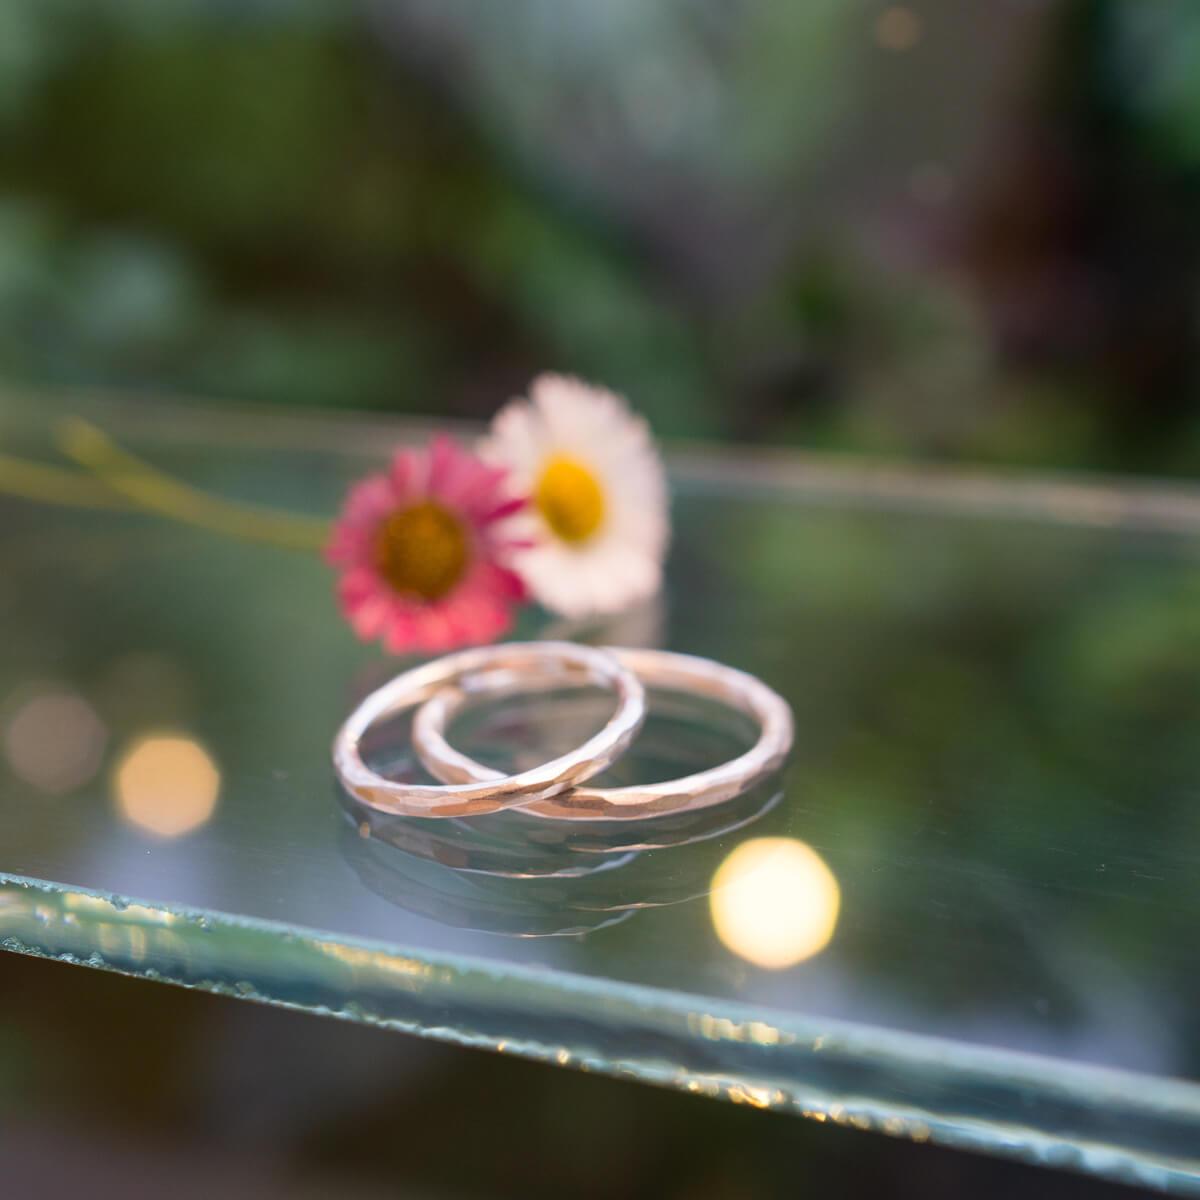 屋久島しずくギャラリー ジュエリーのディスプレイに指輪 屋久島の花 シルバー 屋久島でつくる結婚指輪